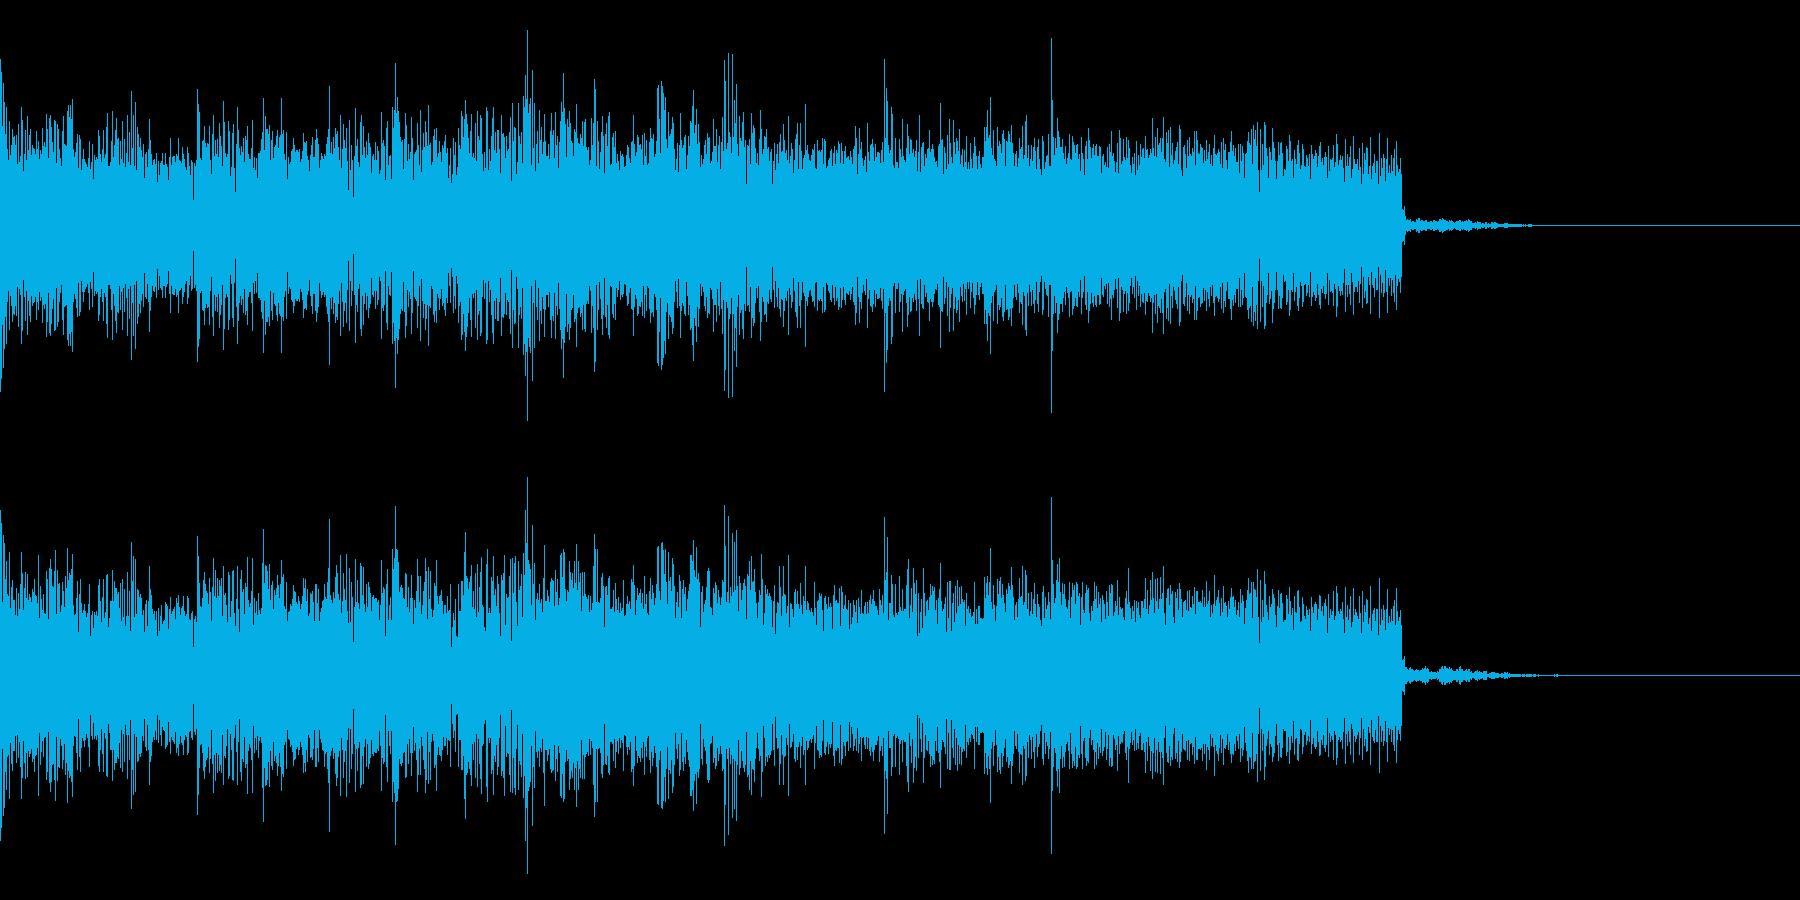 ハードロック、メタル系の場面転換 の再生済みの波形